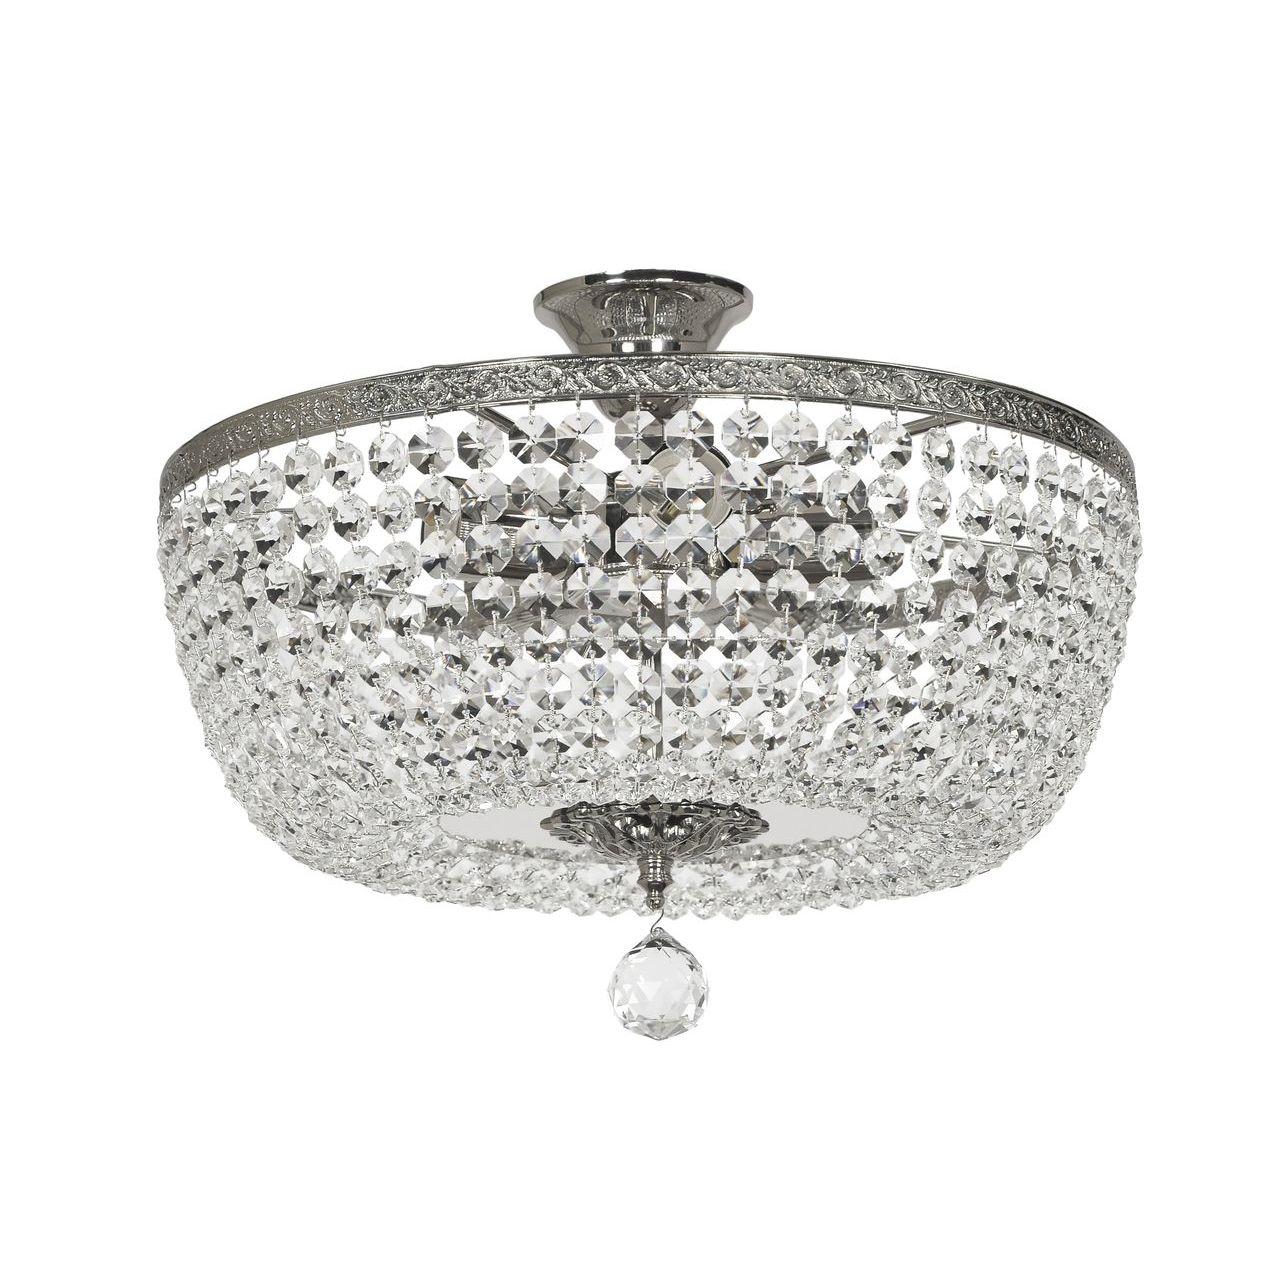 Потолочный светильник Lucia Tucci Cristallo 753.5 Silver потолочный светодиодный светильник lucia tucci grappolo 1801 6 silver